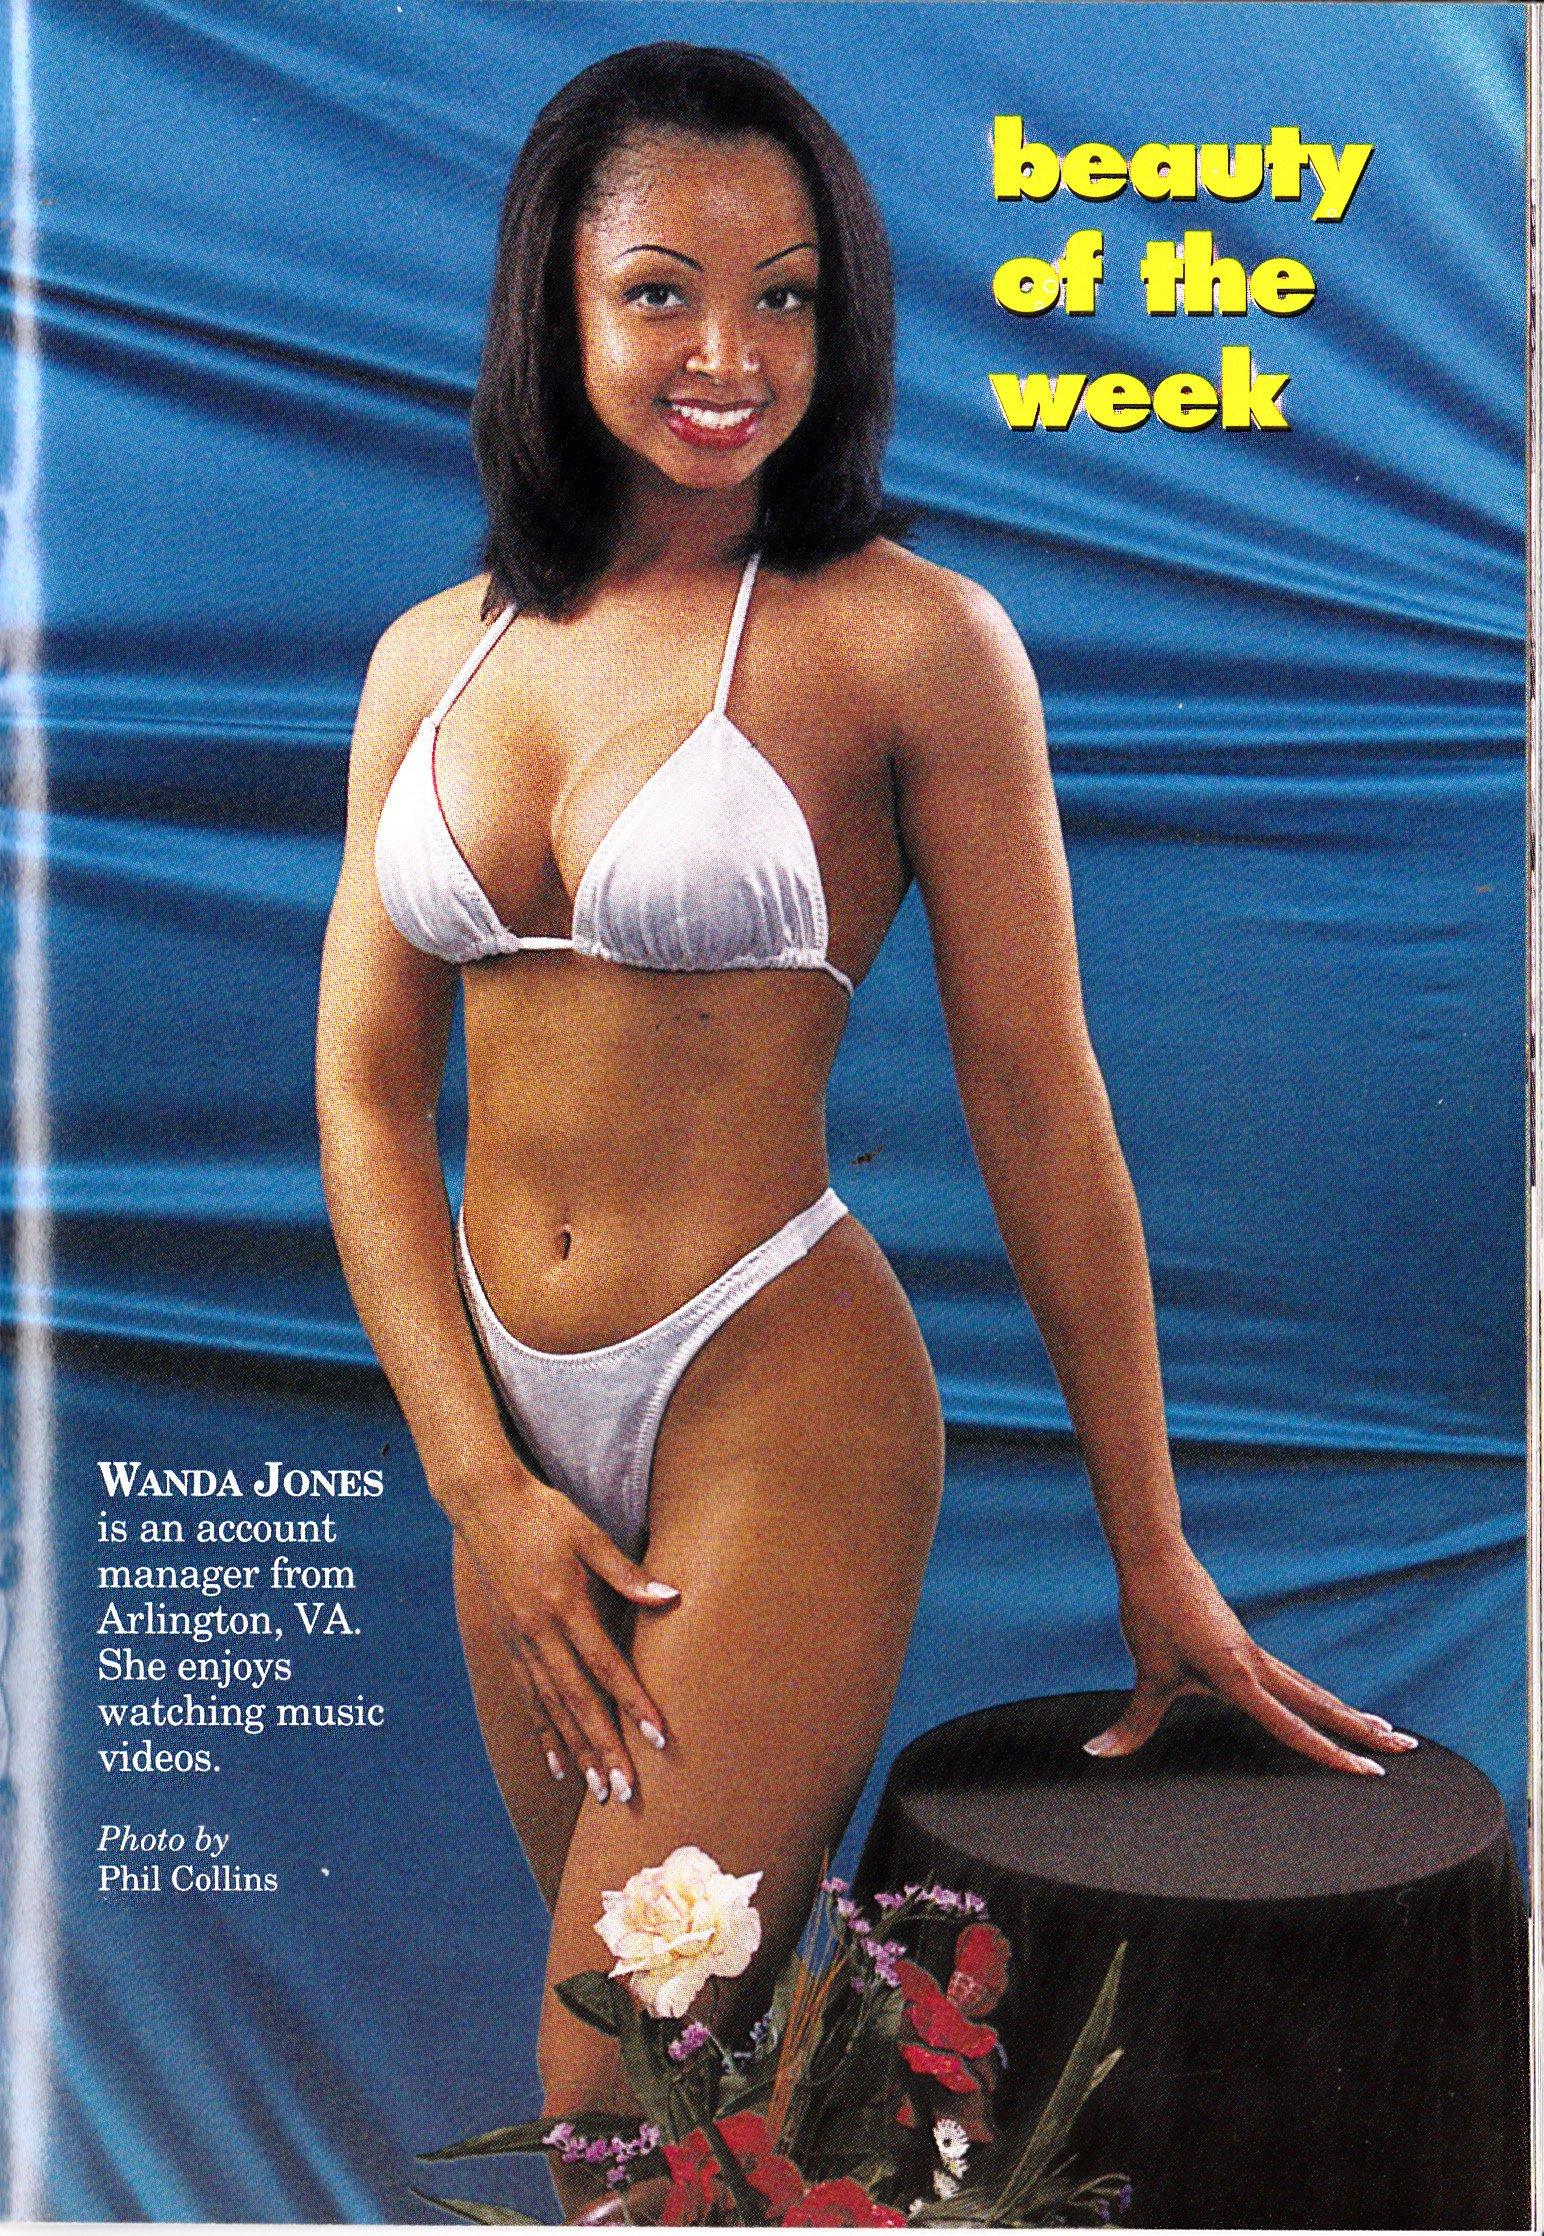 lela rochon bikini pictures